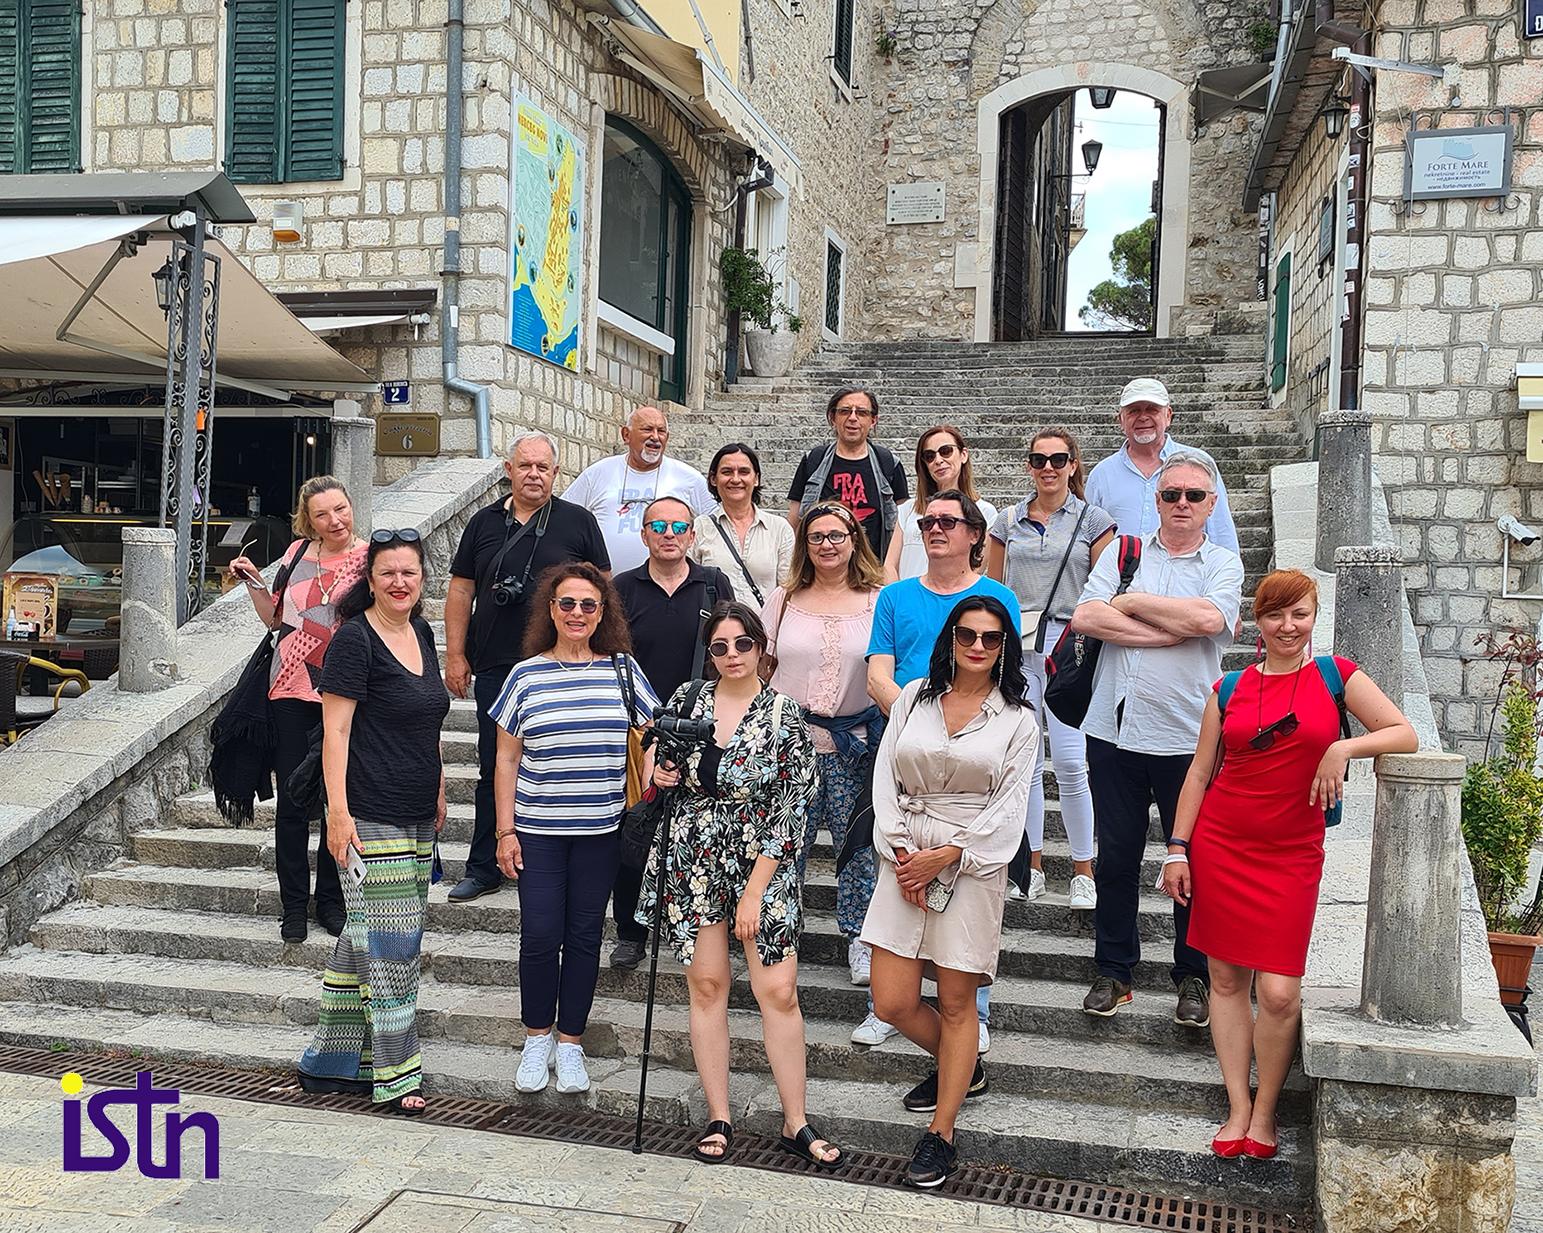 Turisticki novinari Regiona u Herceg Novom, ISTN